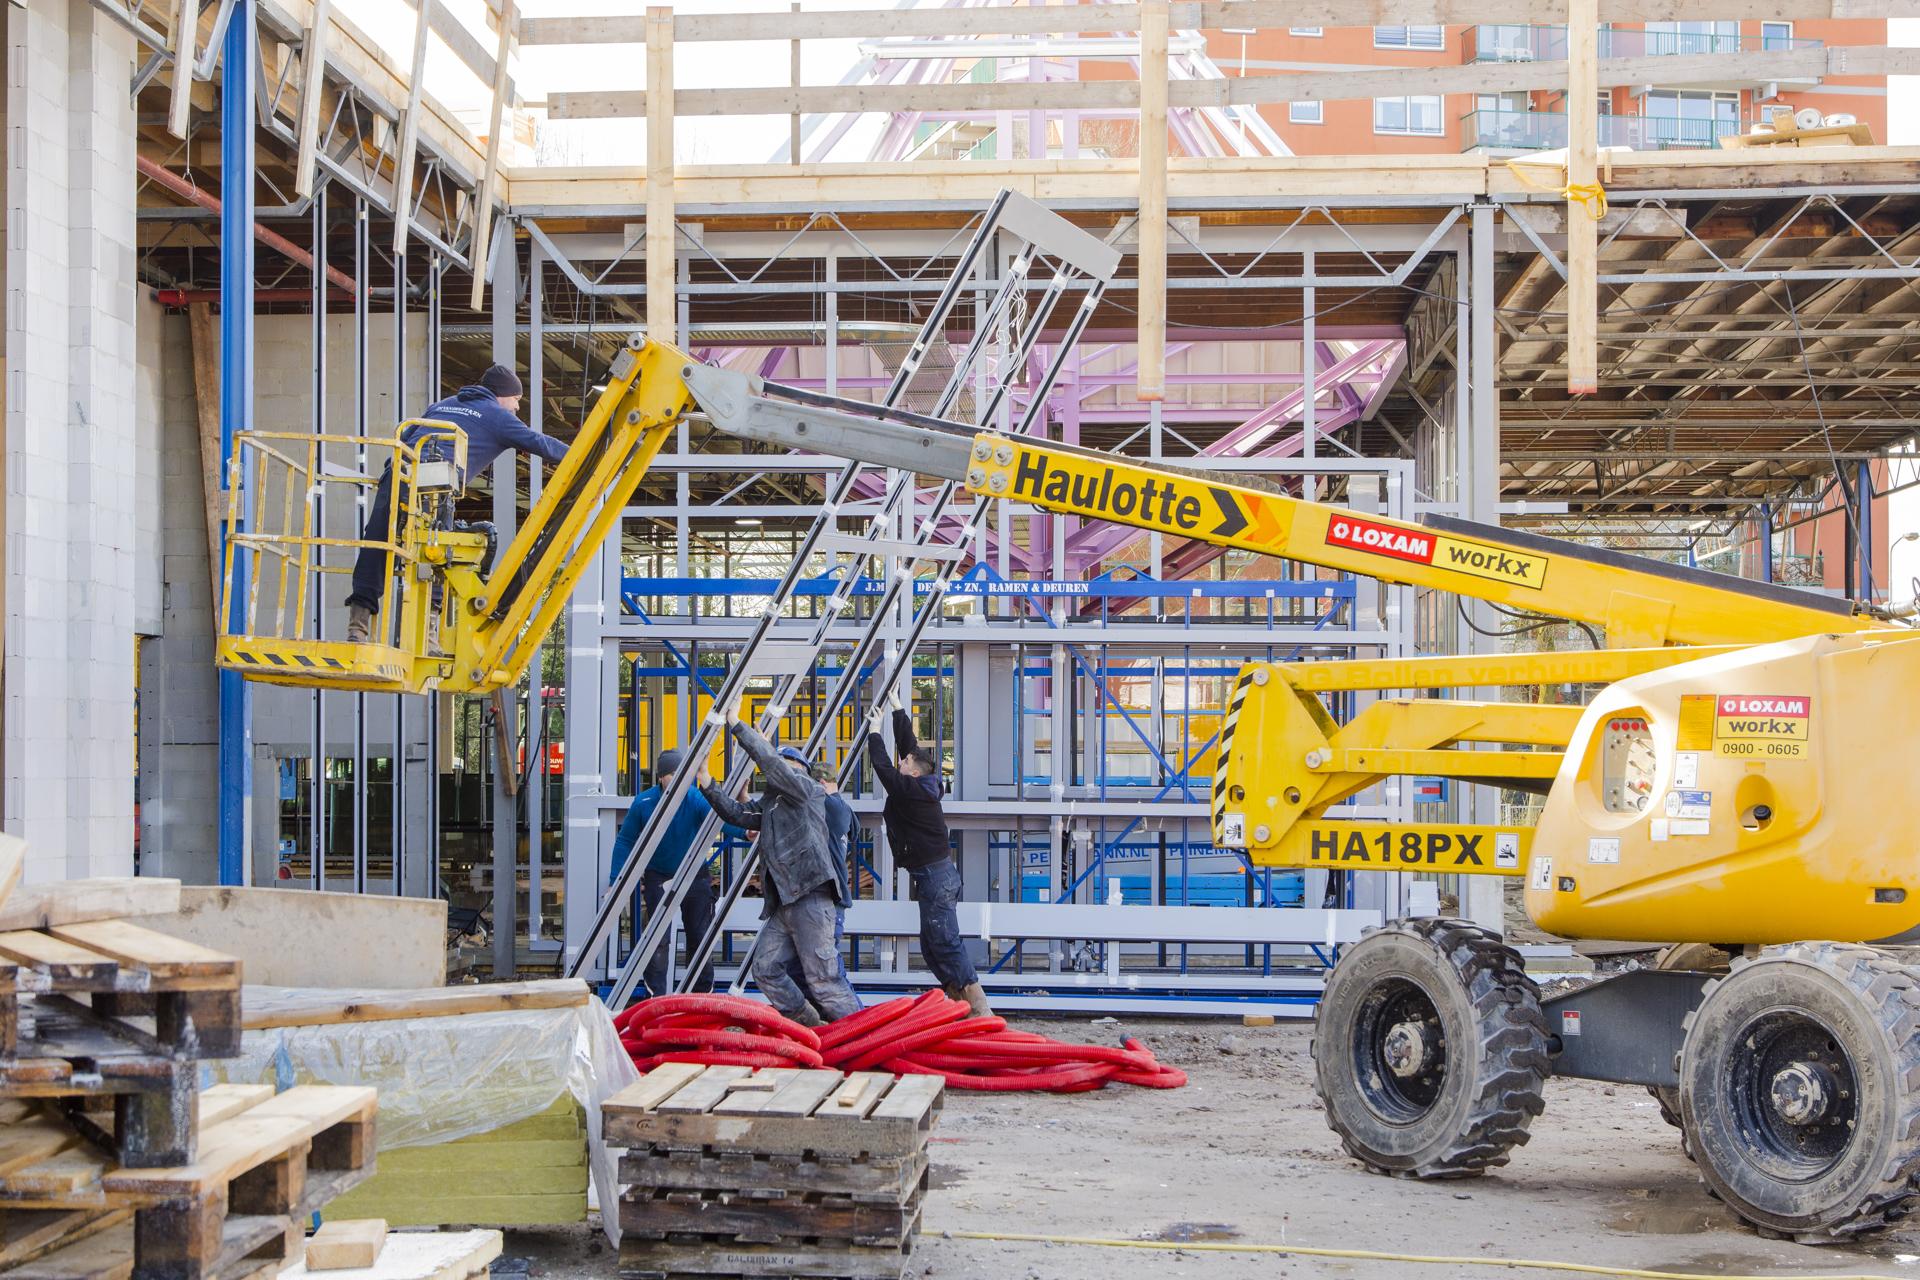 Verbouwing van het Karregat. Nieuwbouw week 11.